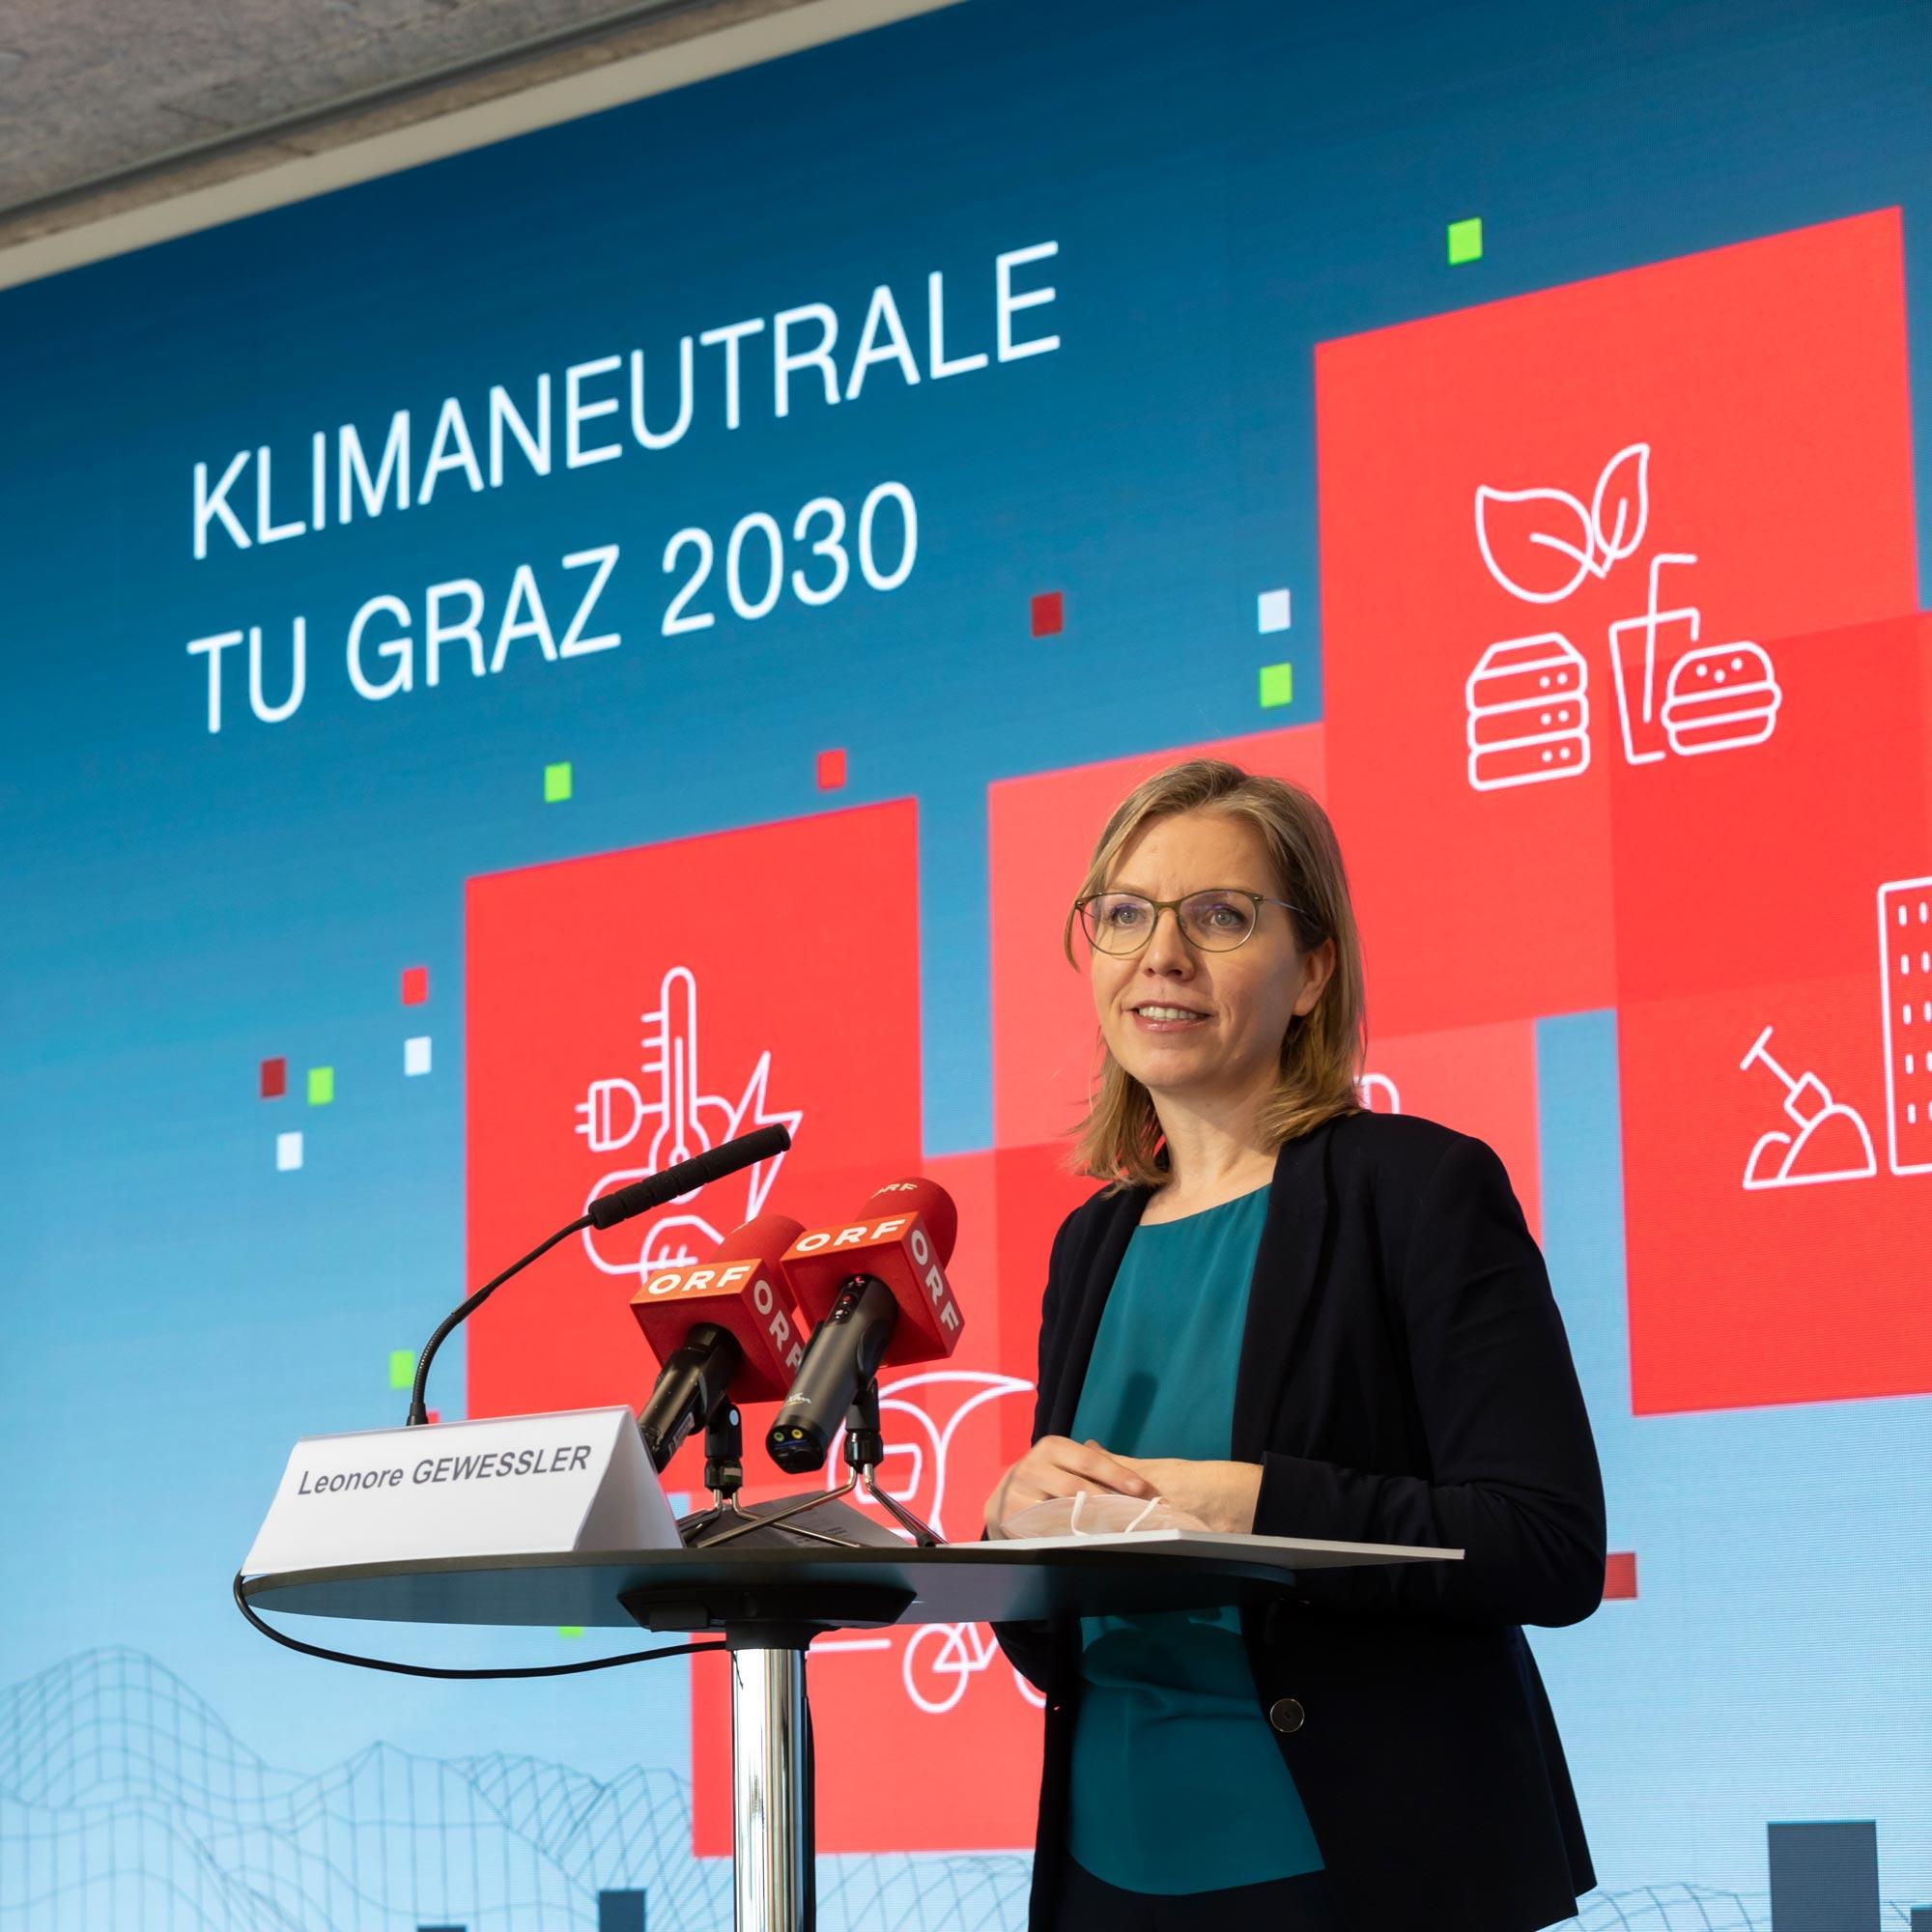 Österreichs Umweltministerin am Podium mit TV-Mikrofonen